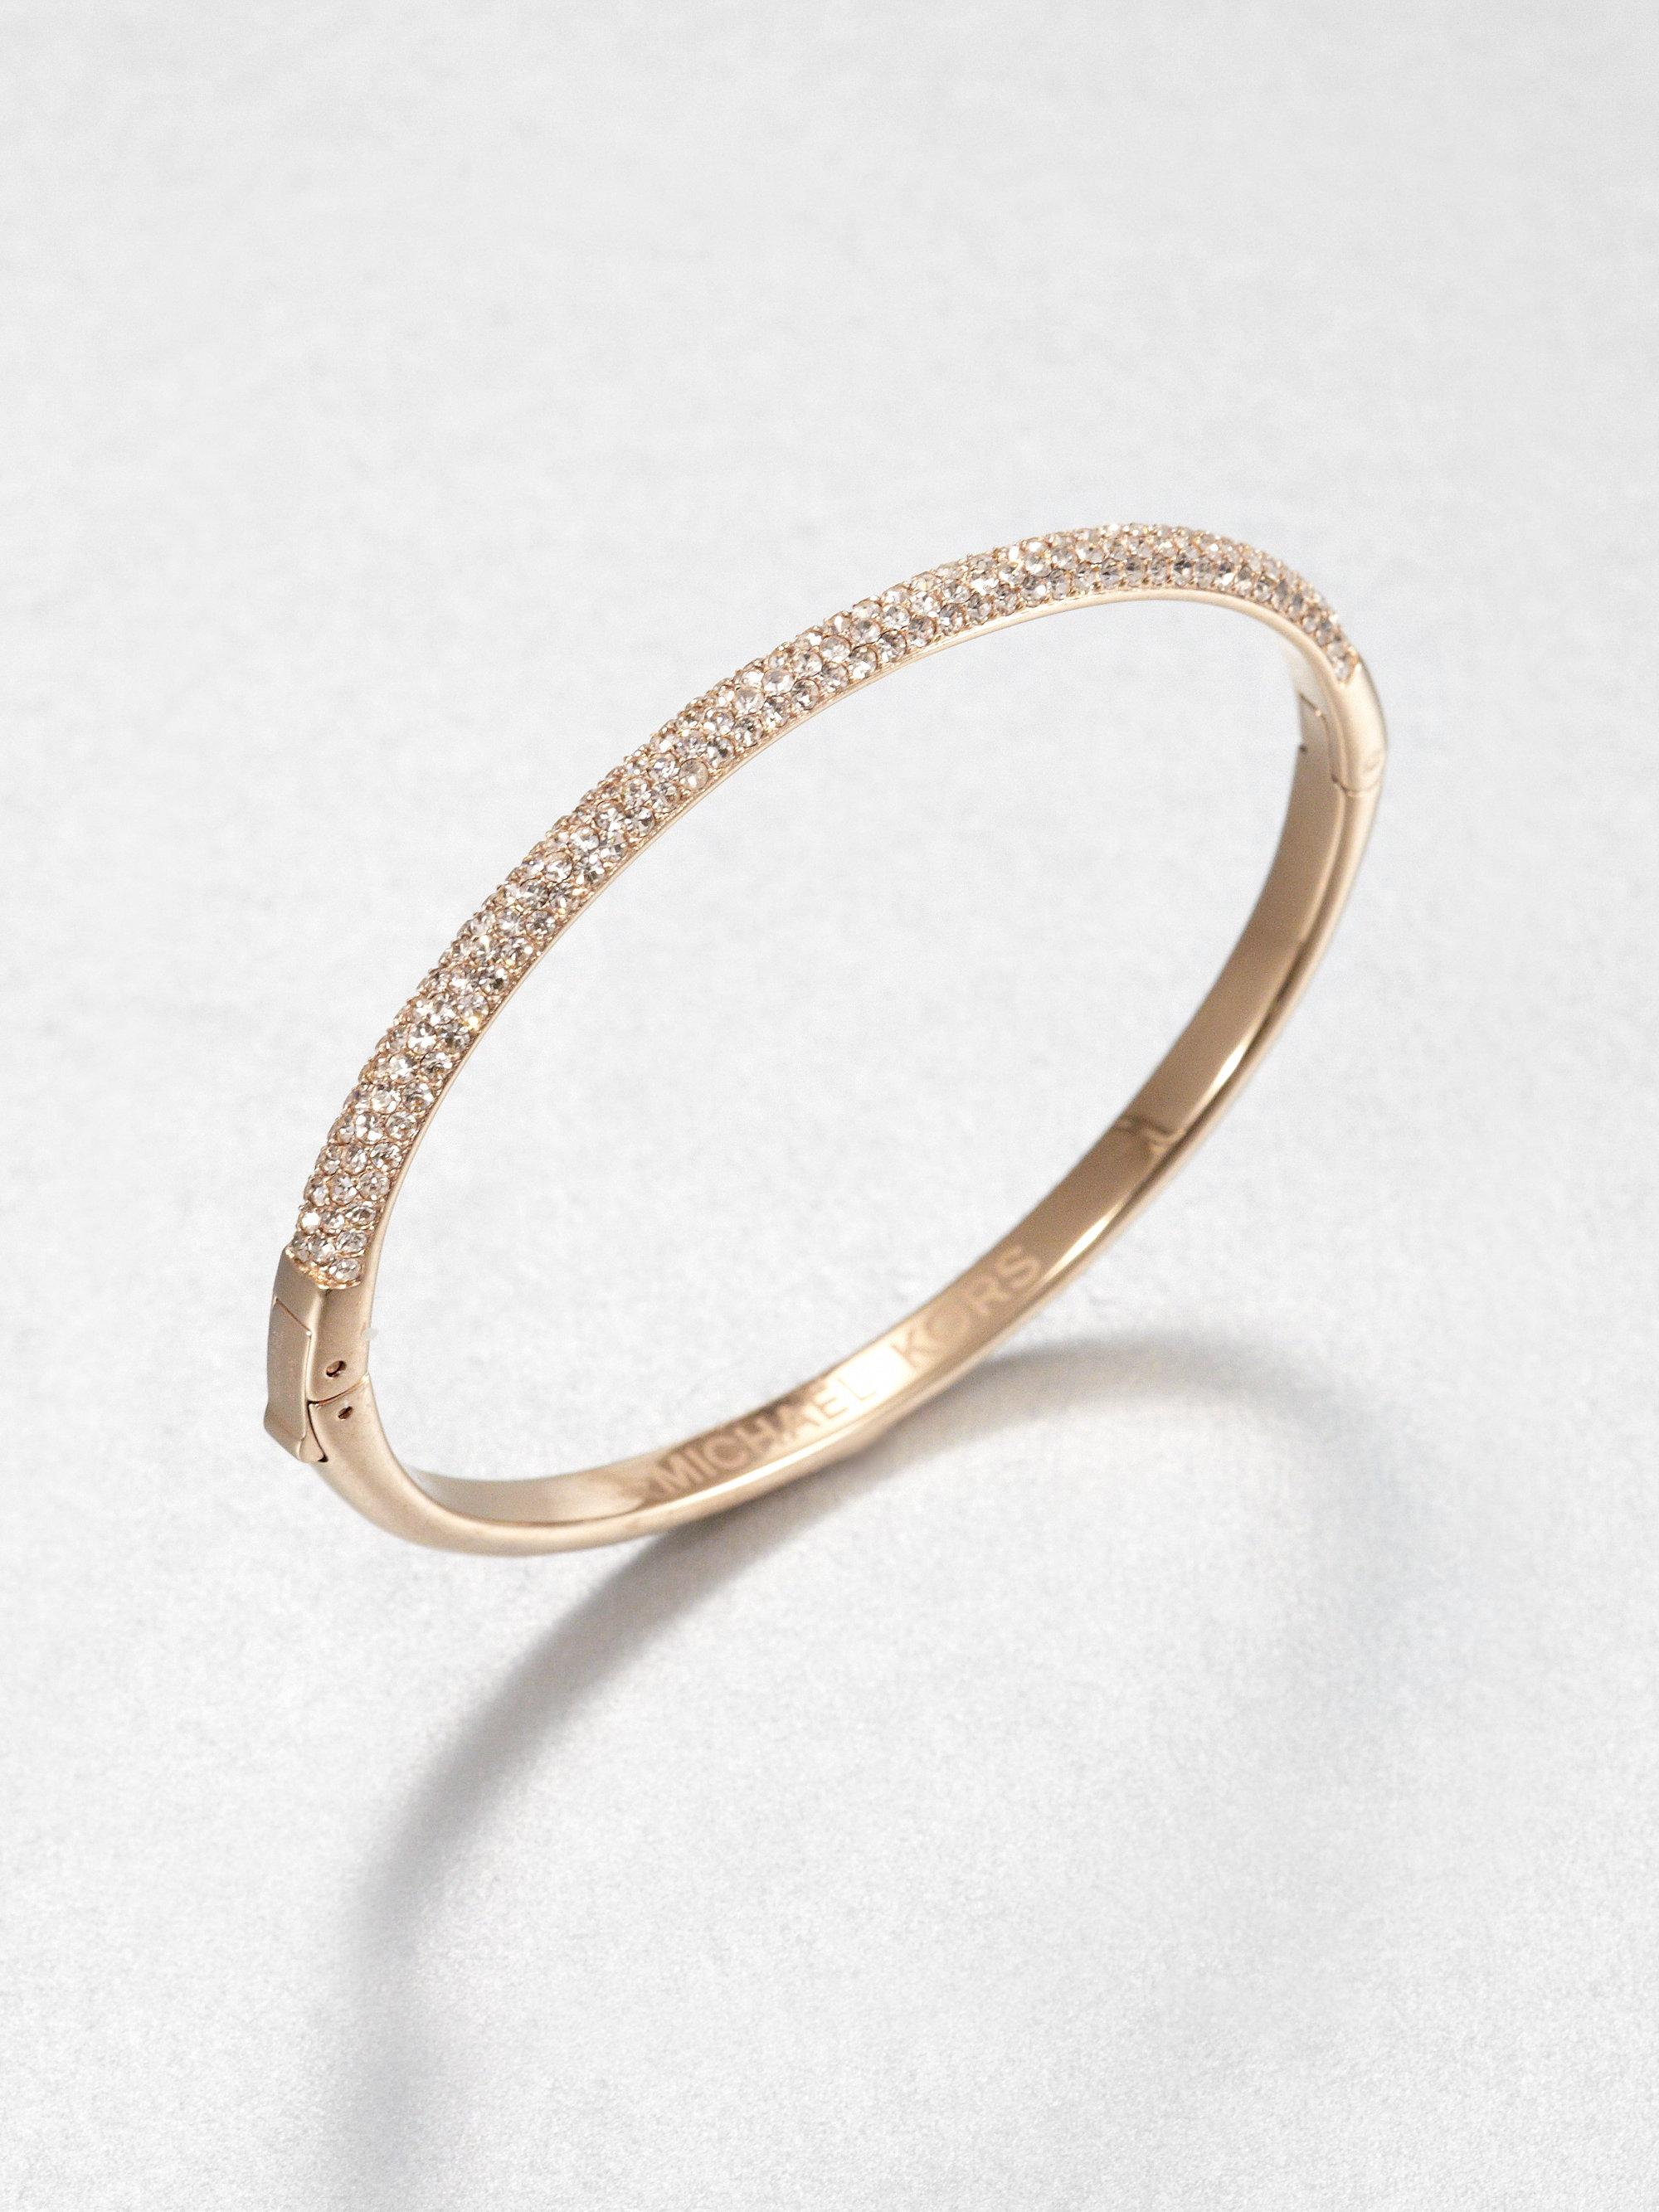 michael kors sparkle bracelet rose in gold rose gold lyst. Black Bedroom Furniture Sets. Home Design Ideas